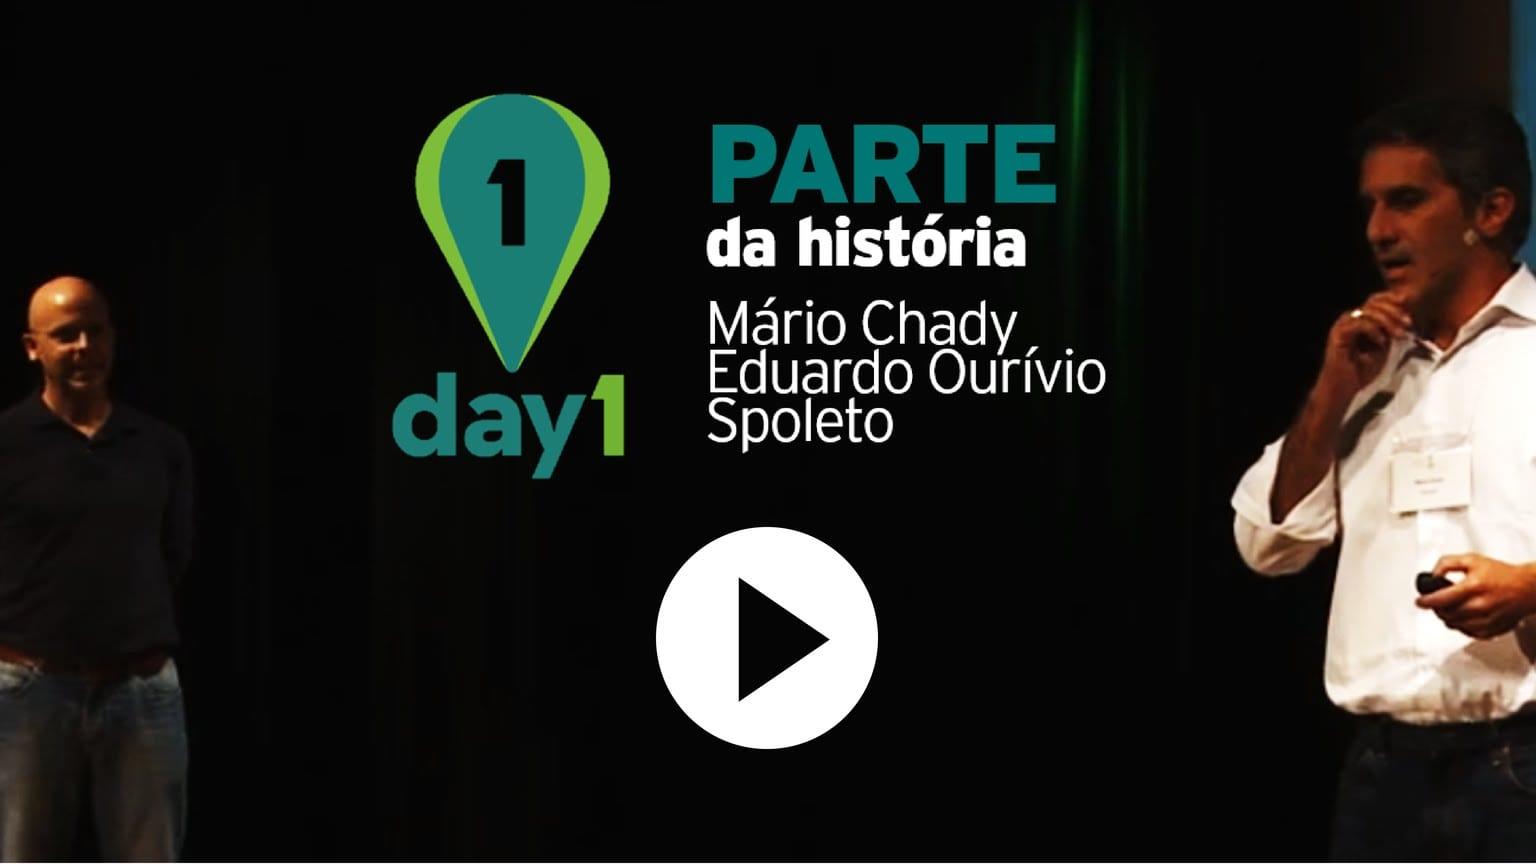 Day1 | Parte da história – Eduardo Ourivio e Mário Chady [Spoleto]